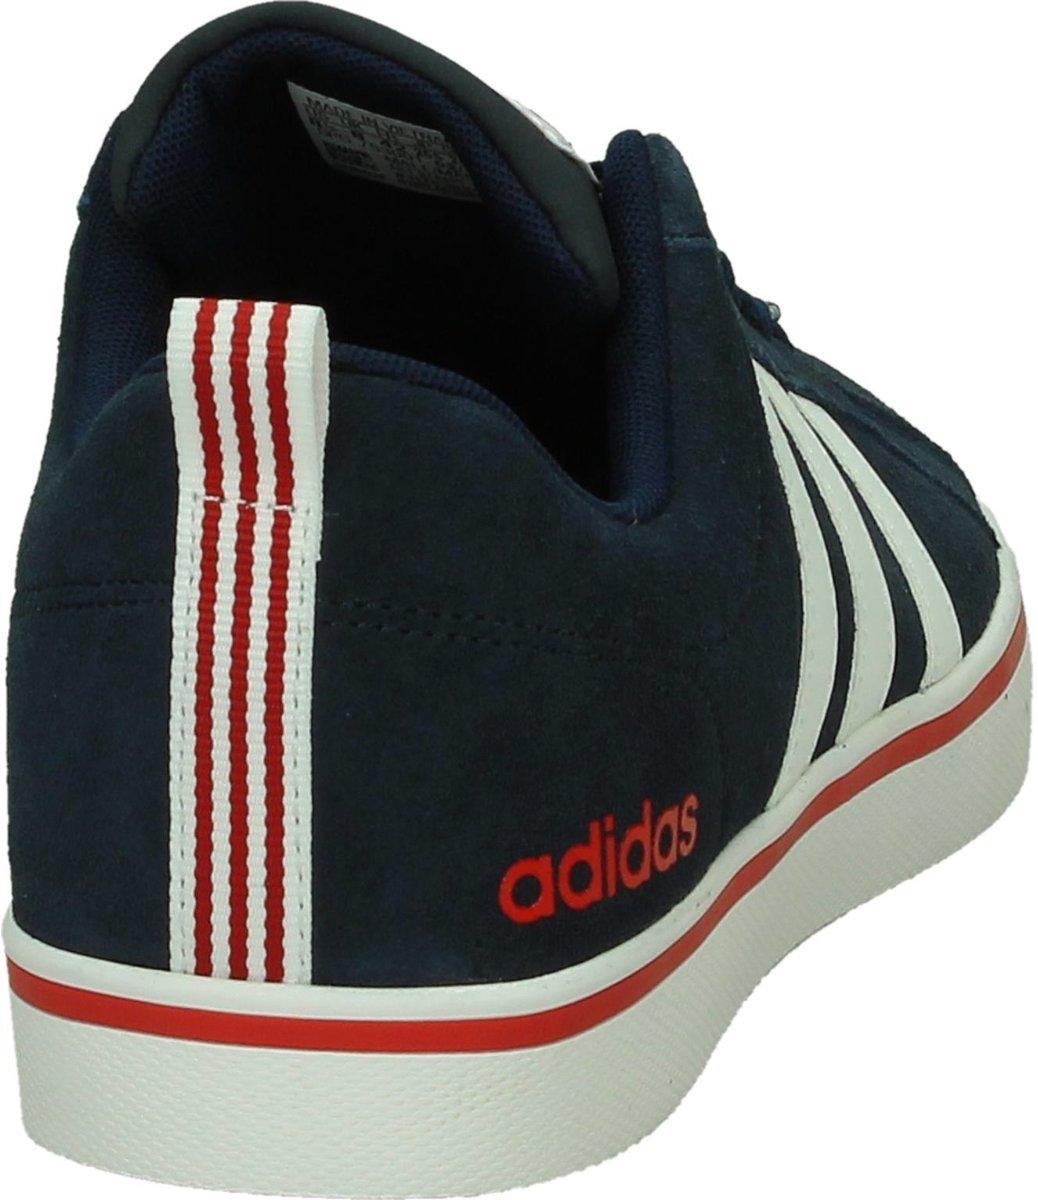 Adidas - Plus De Rythme - Sport Faible Sneakers - Hommes - Taille 44 - Bleu - Bleu Marine Collégiale PKJk2sPGbx